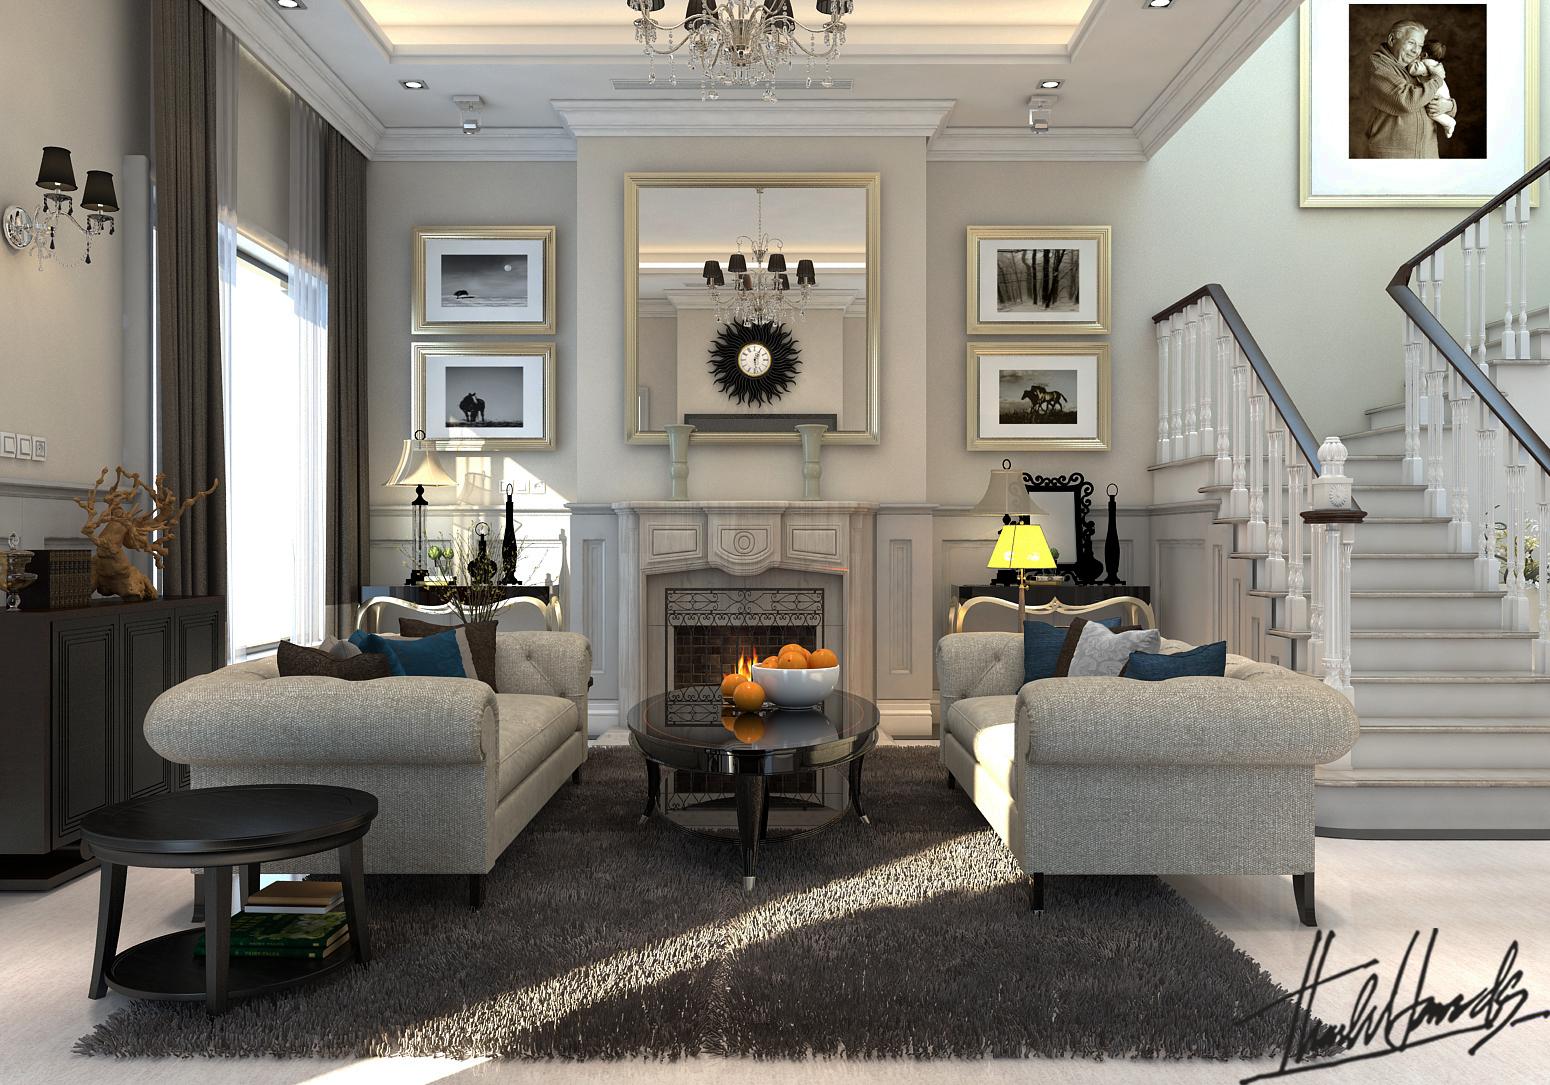 thiết kế nội thất Biệt Thự tại Hà Nội bt Vinhomes - riverside 20 1568274531